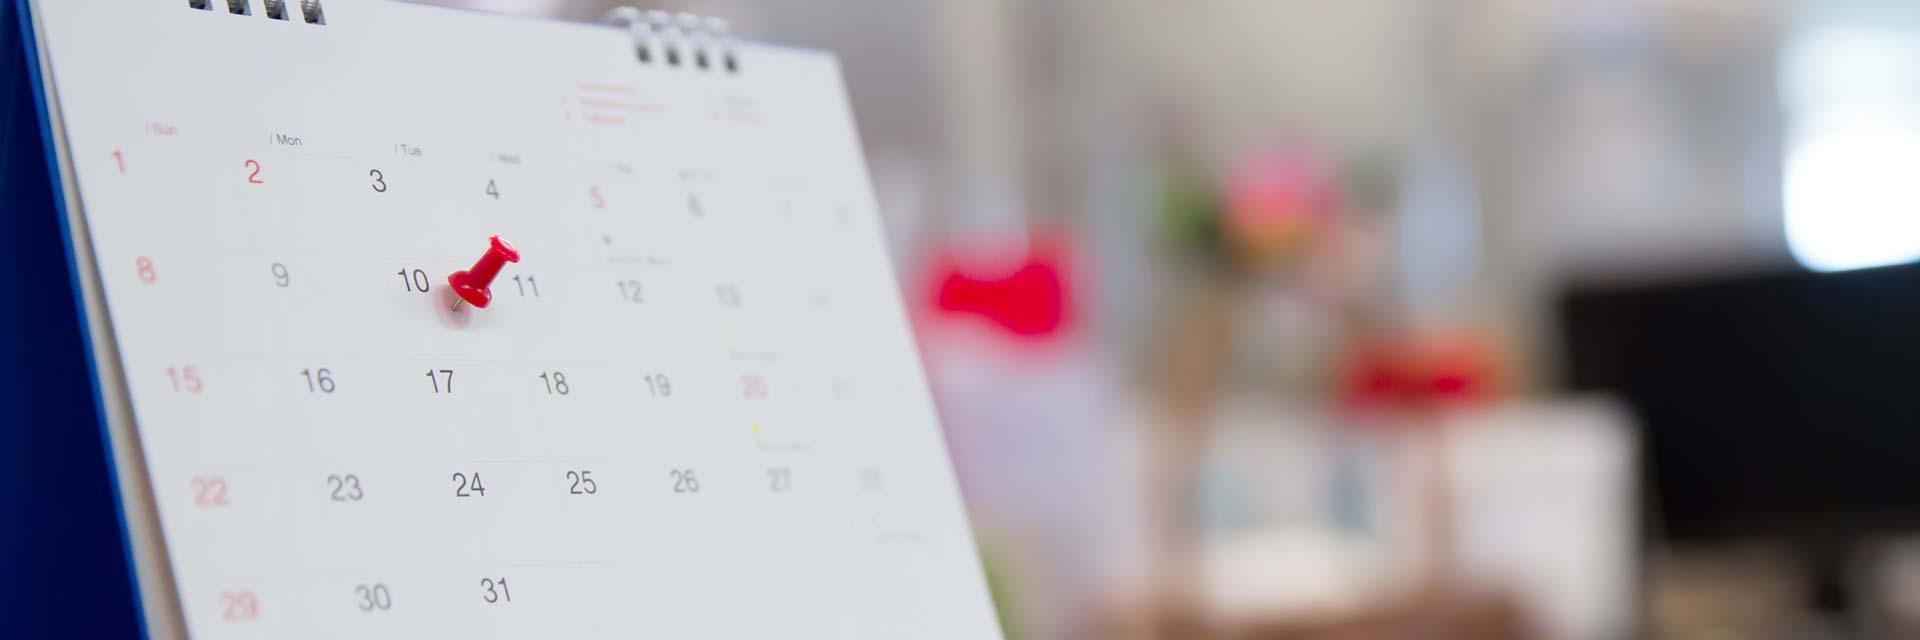 Coaching upplägg pris illustrerat av kalender med pin för rätt datum